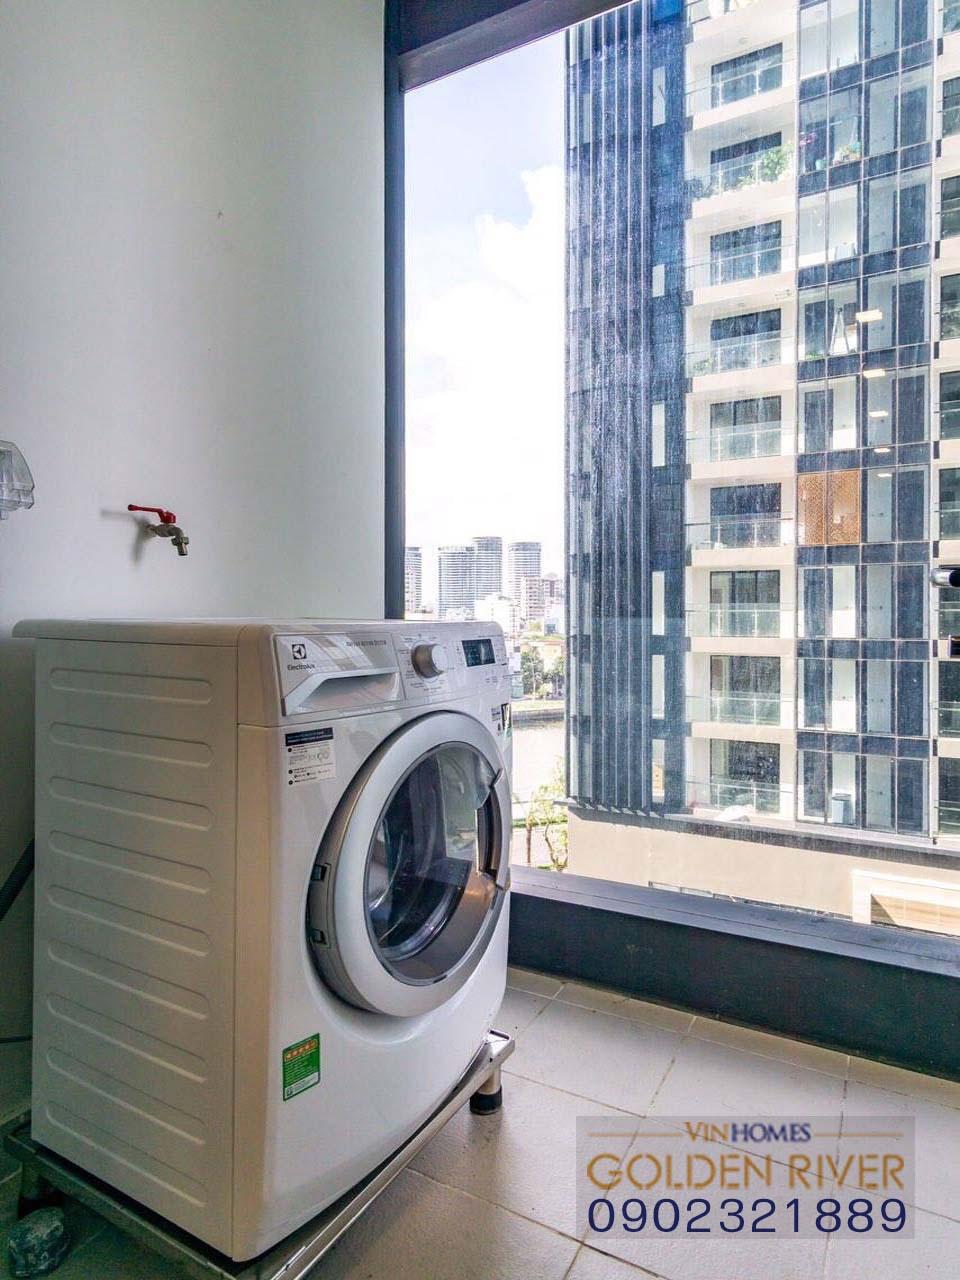 Vinhomes Golden River Aqua 1 cho thuê căn hộ 74m² - hình 13